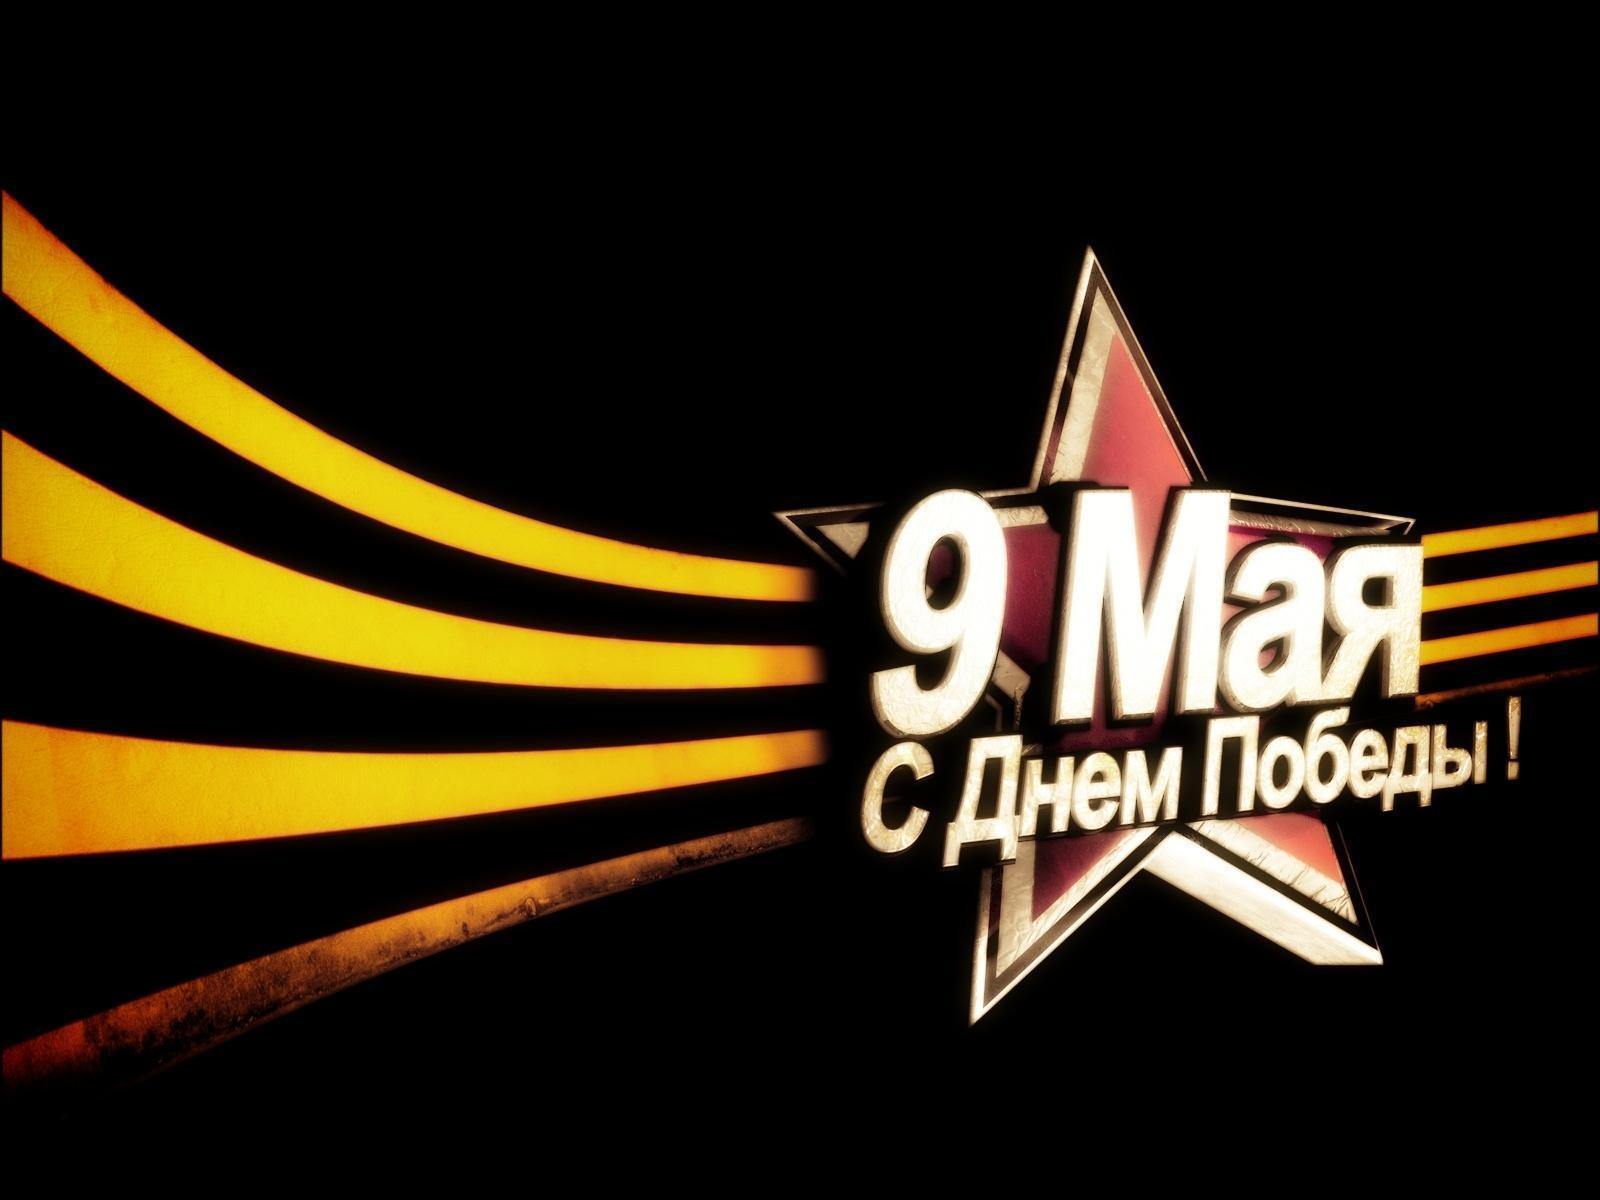 Праздник 9 Мая, День победы (05-05-2010)